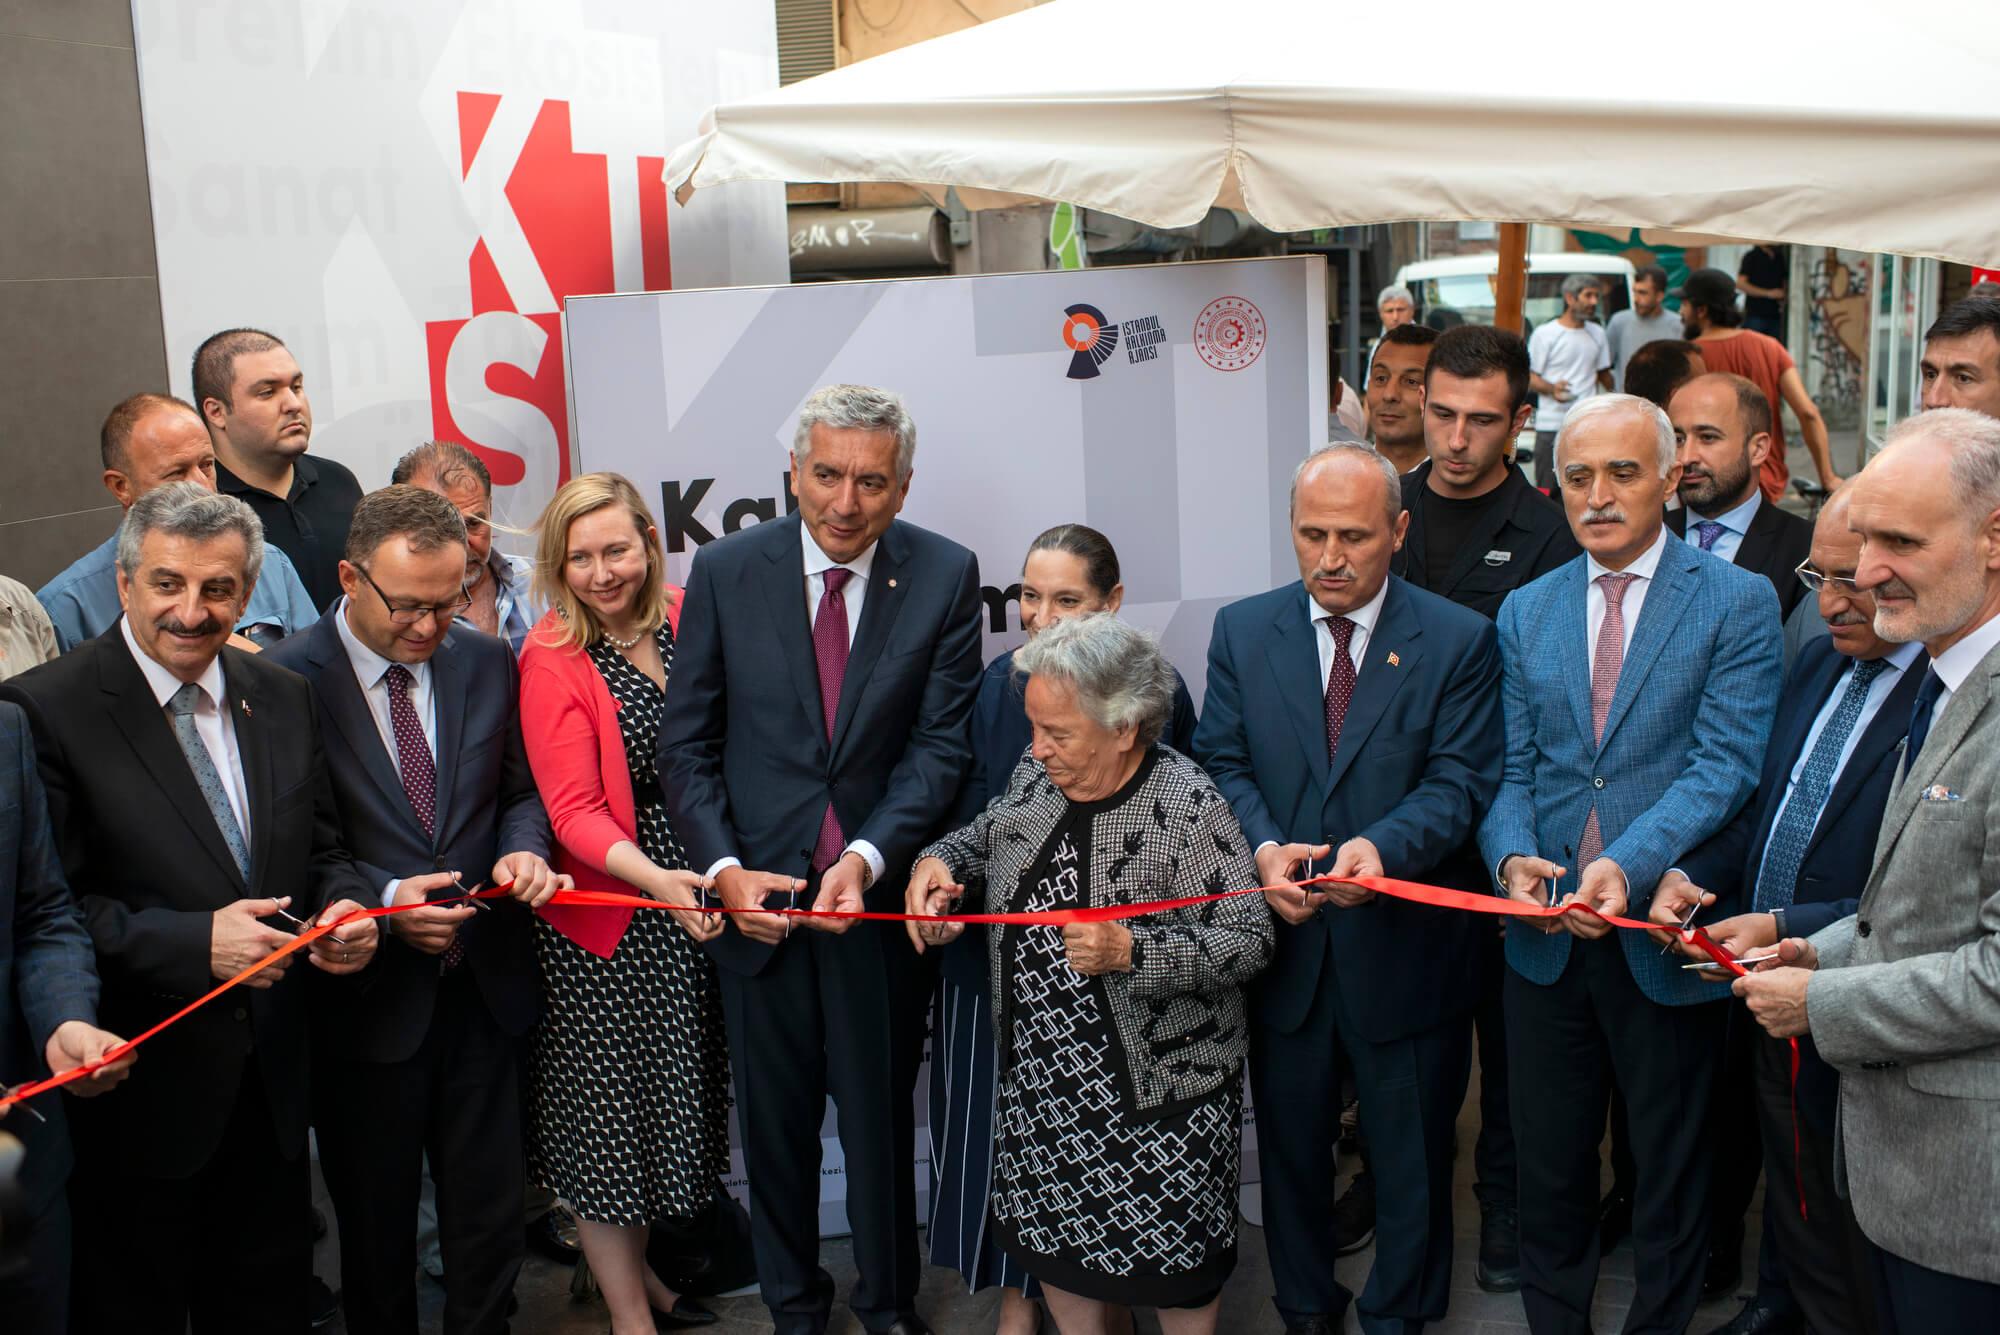 Kale Tasarım ve Sanat Merkezi Karaköy'de Kapılarını Açtı!